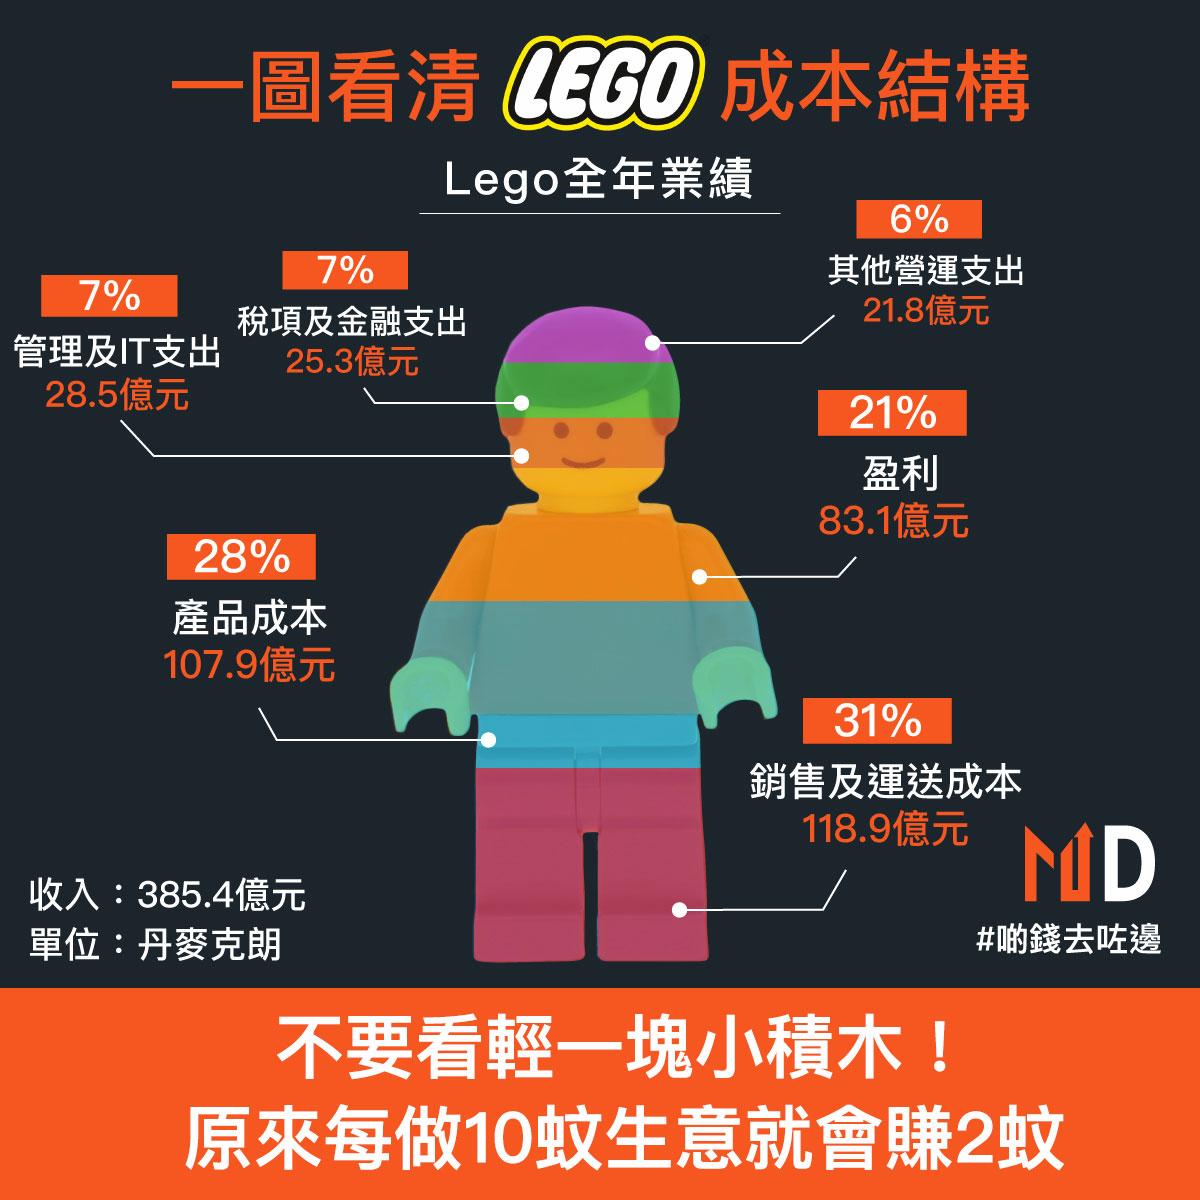 Lego每做10蚊生意就賺2蚊